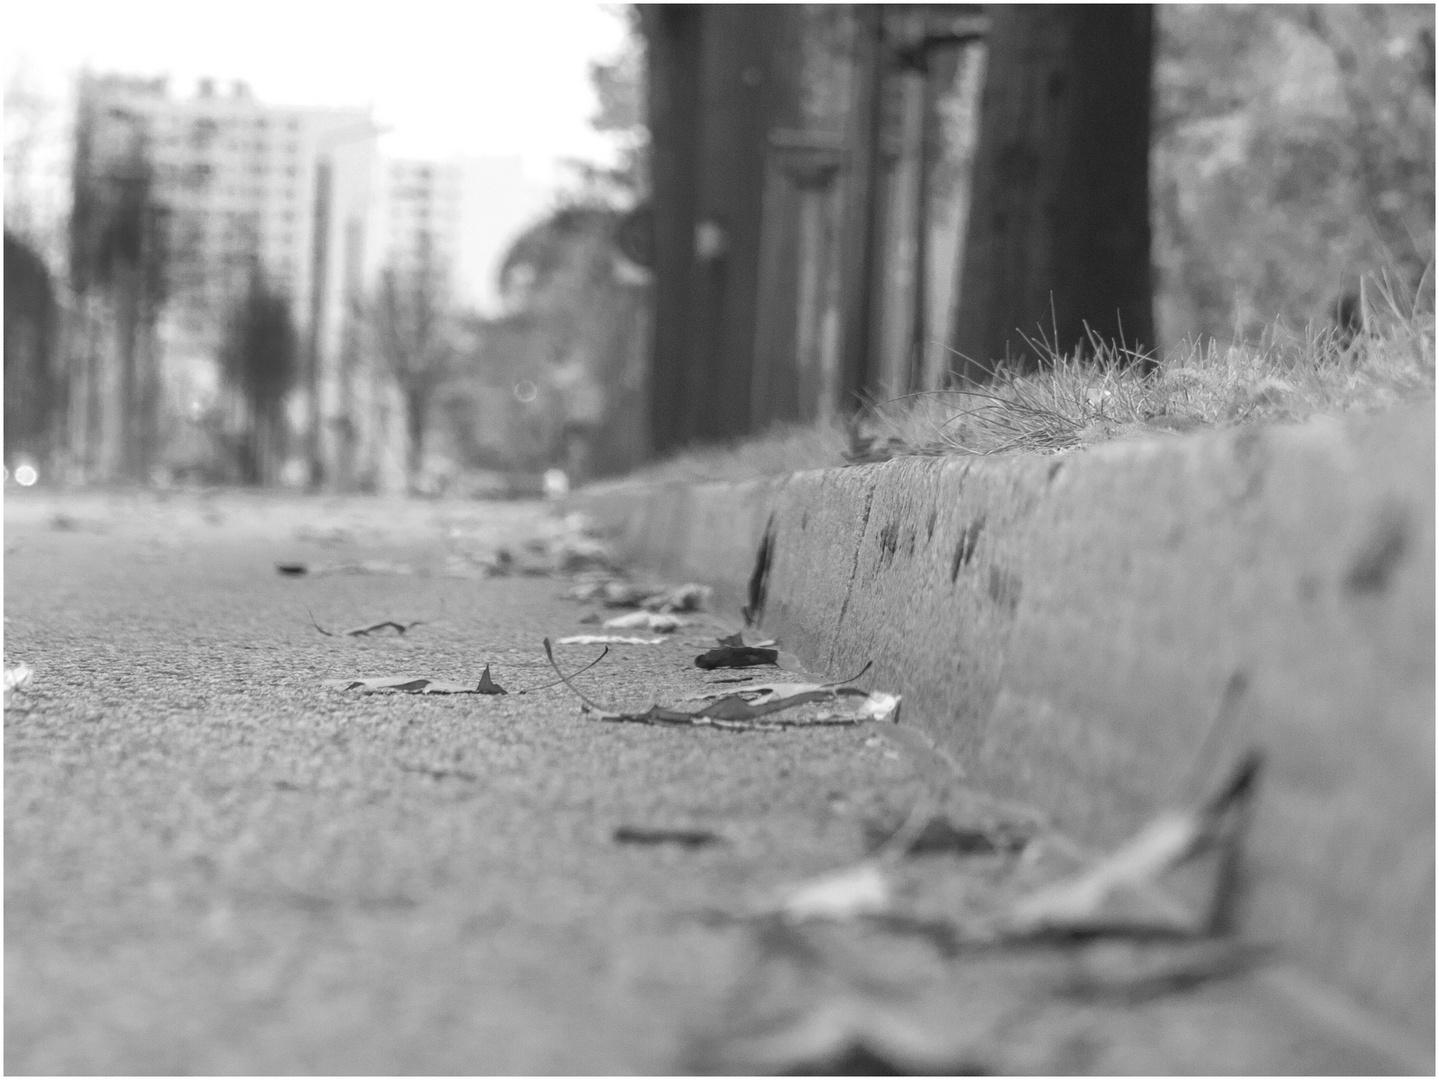 Bordstein mit Straße